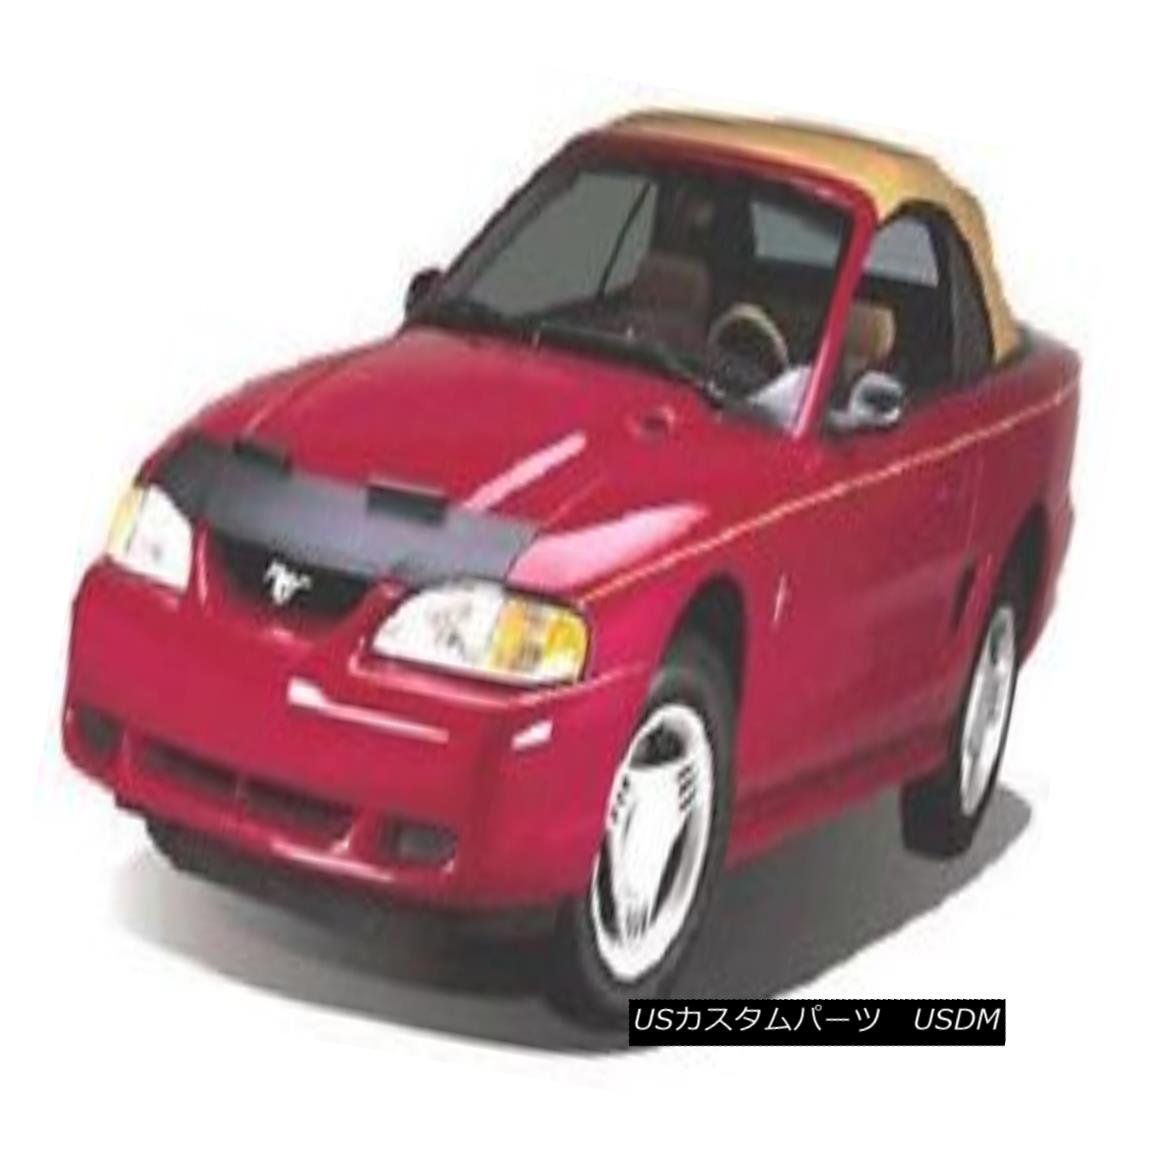 フルブラ ノーズブラ Mini Mask Bra Hood Protector - Fits Dodge Grand Caravan 2008 08 ミニマスクブラジャーフードプロテクター - フィットドッジグランドキャラバン2008 08